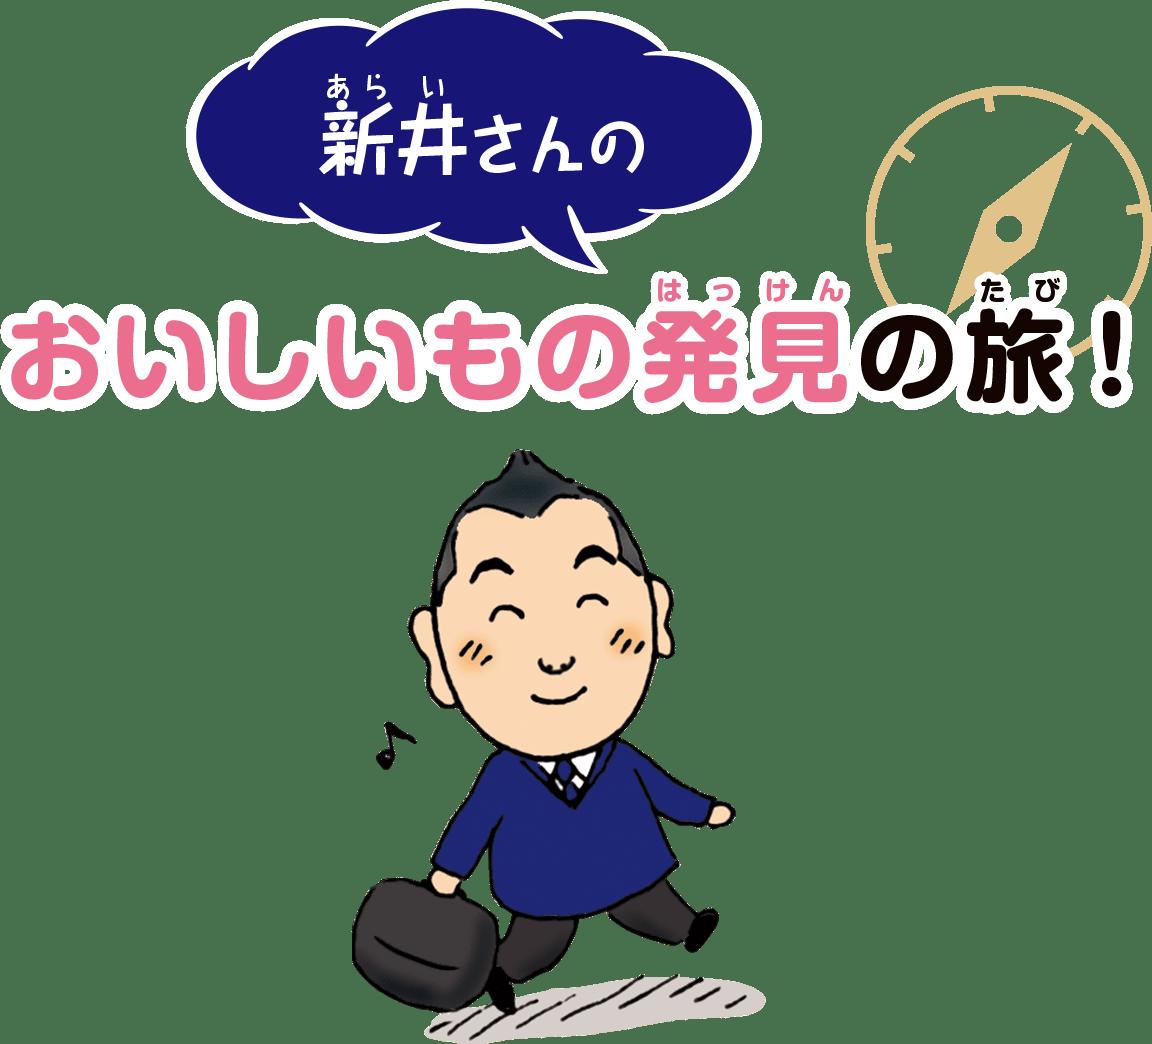 新井さんのおいしいもの発見の旅